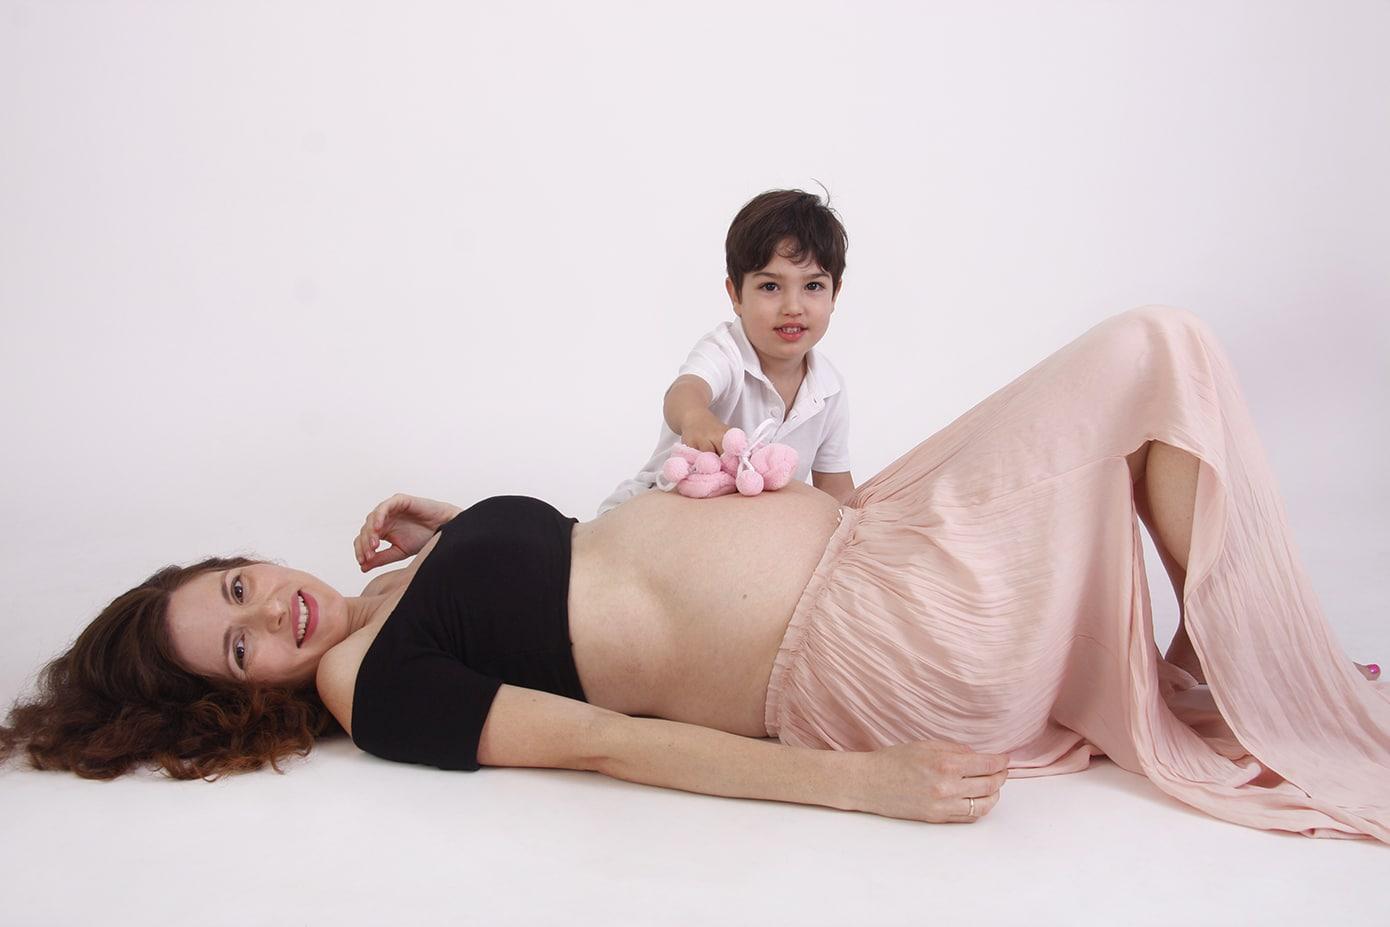 צילומי היריון משפחת קויפמן סטודיו גיל לוין (1)